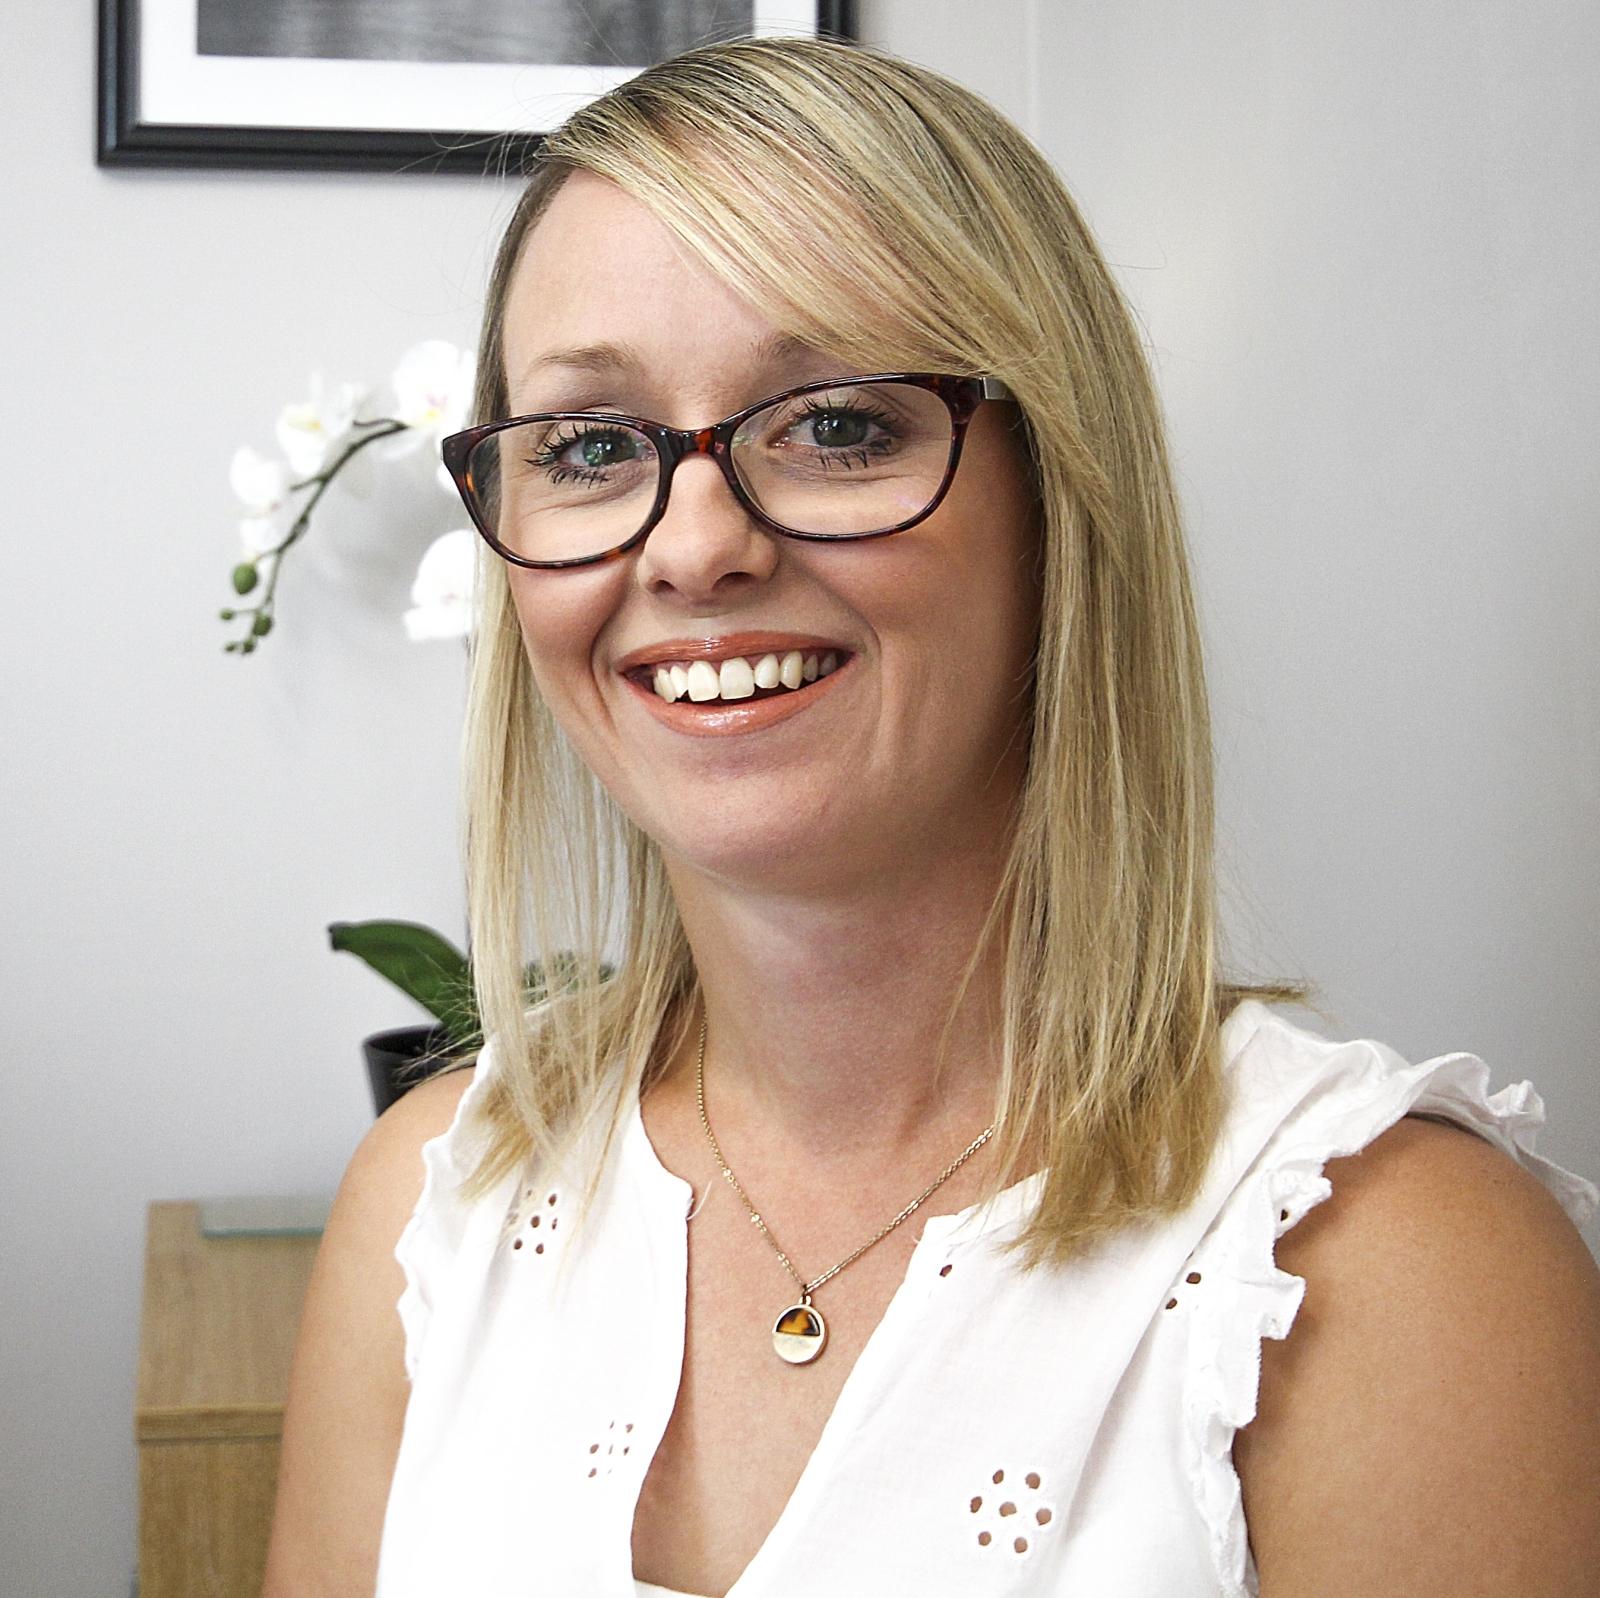 Sarah Crowter